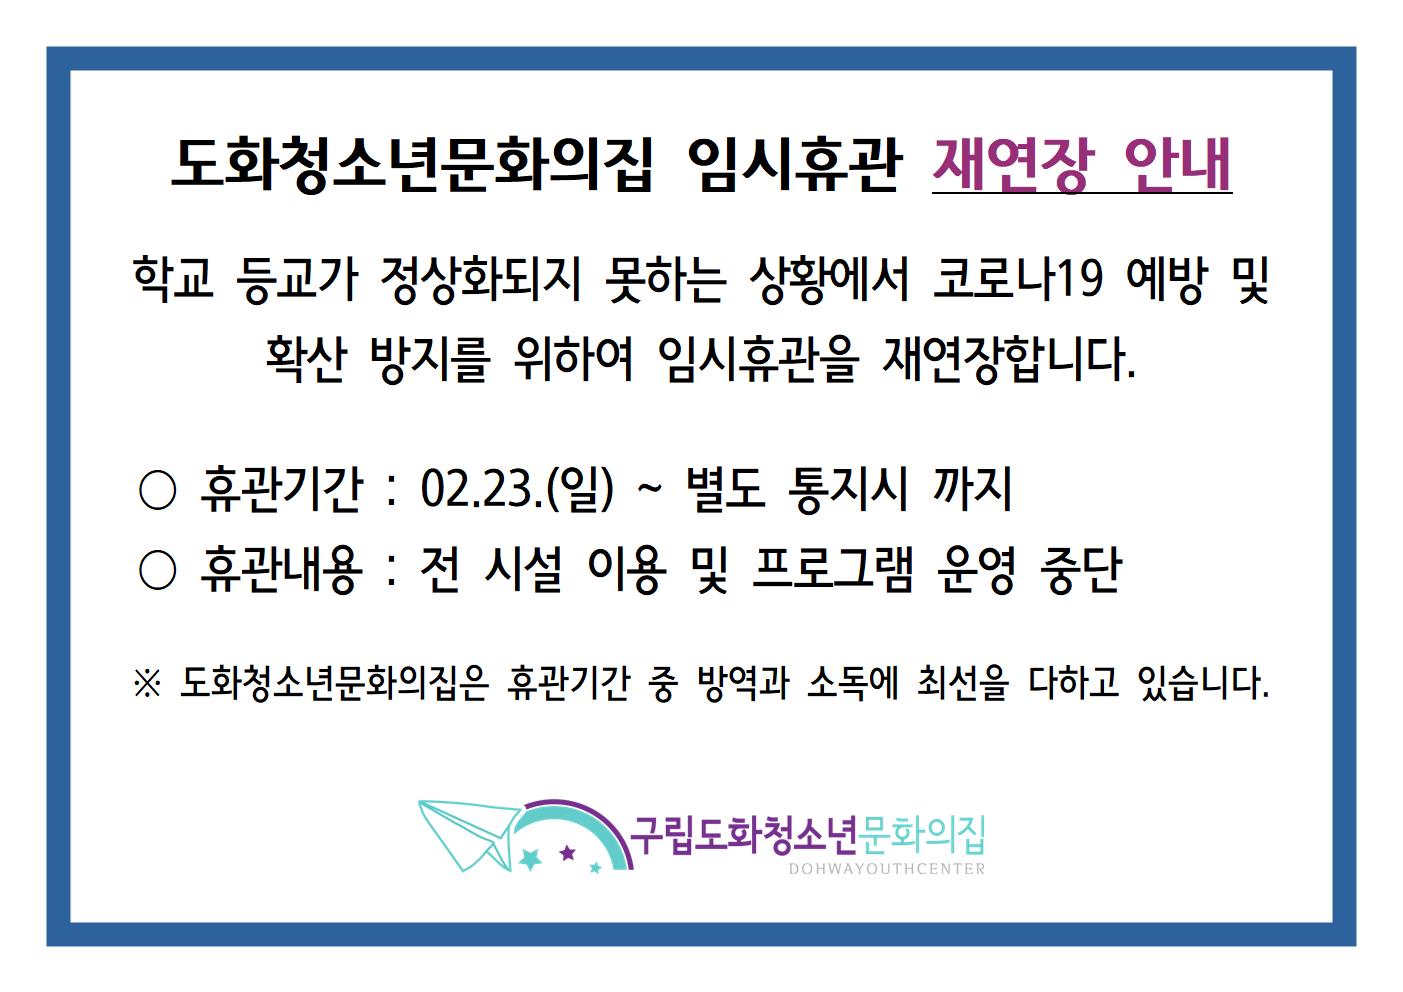 휴관연장 안내문(팝업용) - 복사본001.png